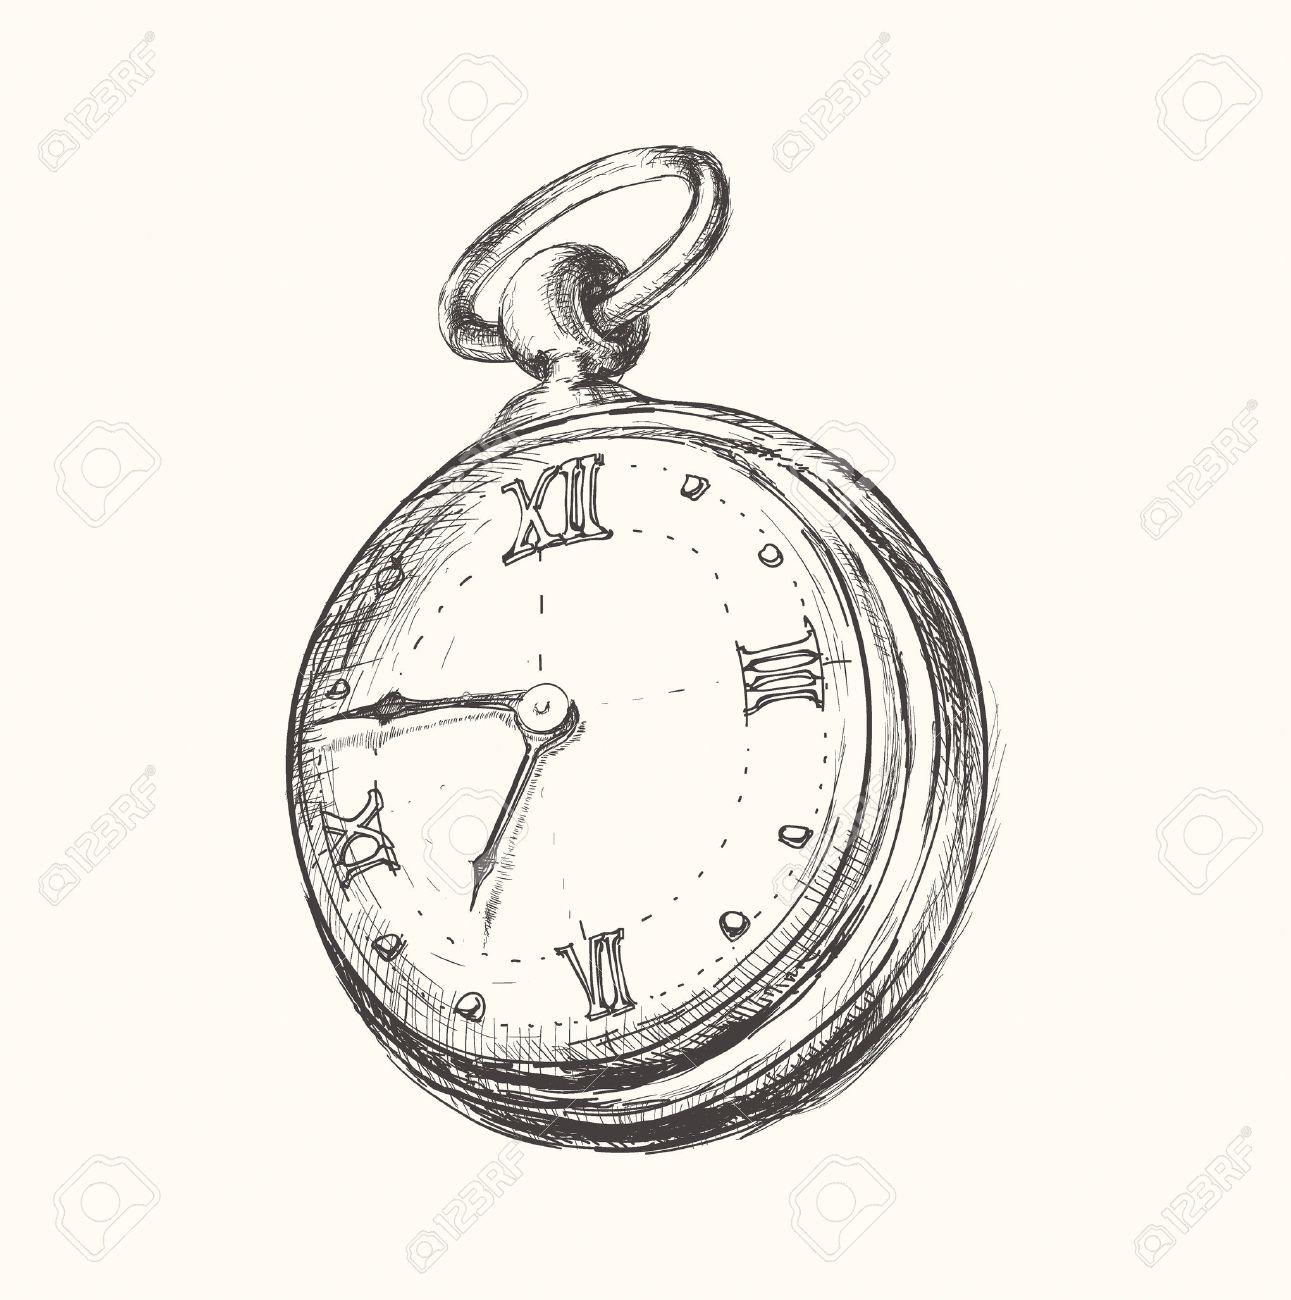 Armbanduhr skizze  Hand Gezeichnet Vintage Watch Uhr Skizze Vektor-Illustration ...